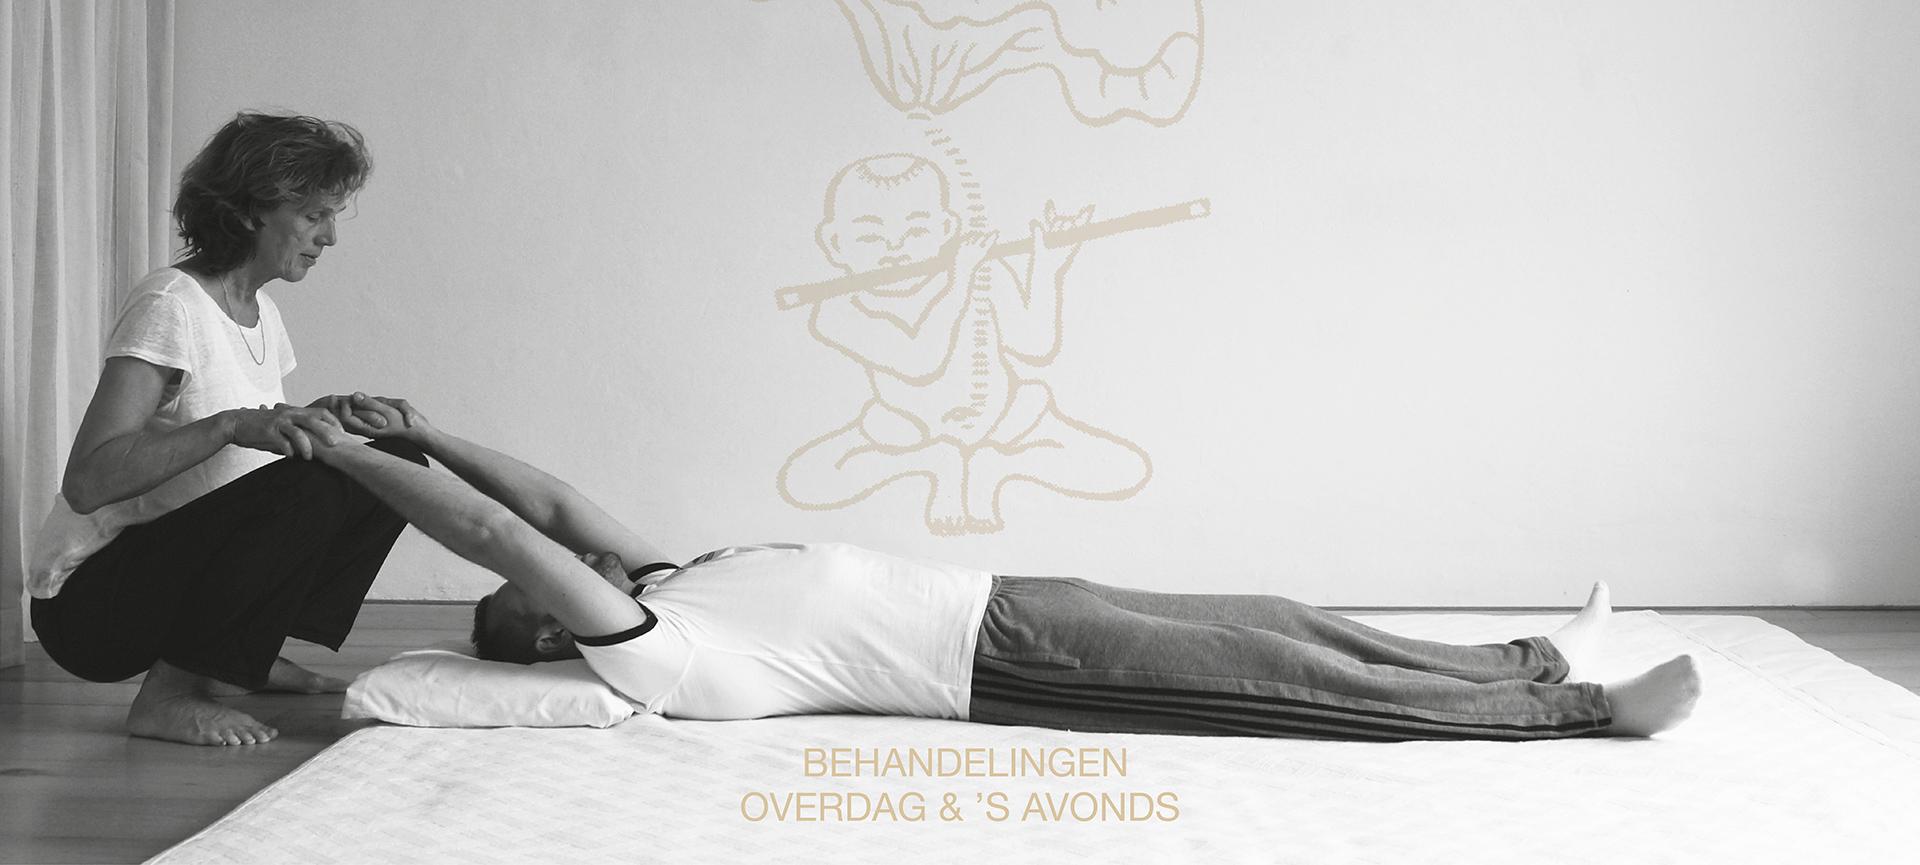 Shiatsu en reiki behandeling gegeven door Kerstin van Wijk in Amsterdam oost